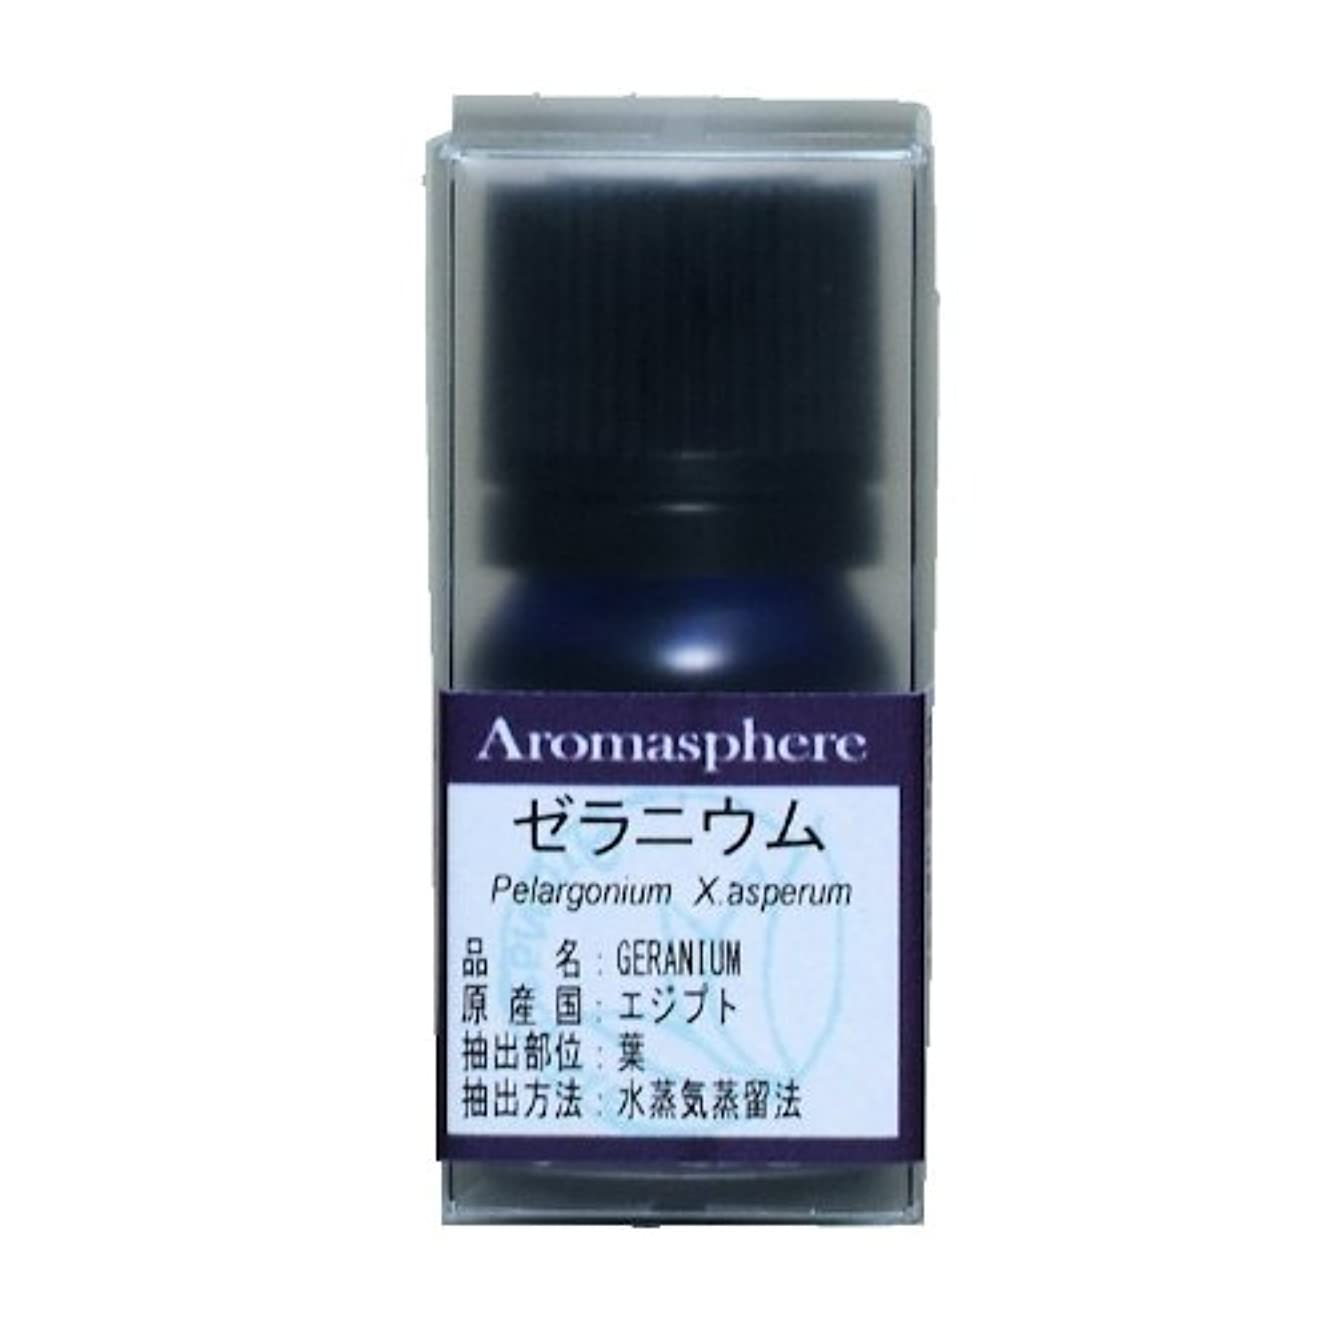 取り戻す優先感じる【アロマスフィア】ゼラニウム 5ml エッセンシャルオイル(精油)